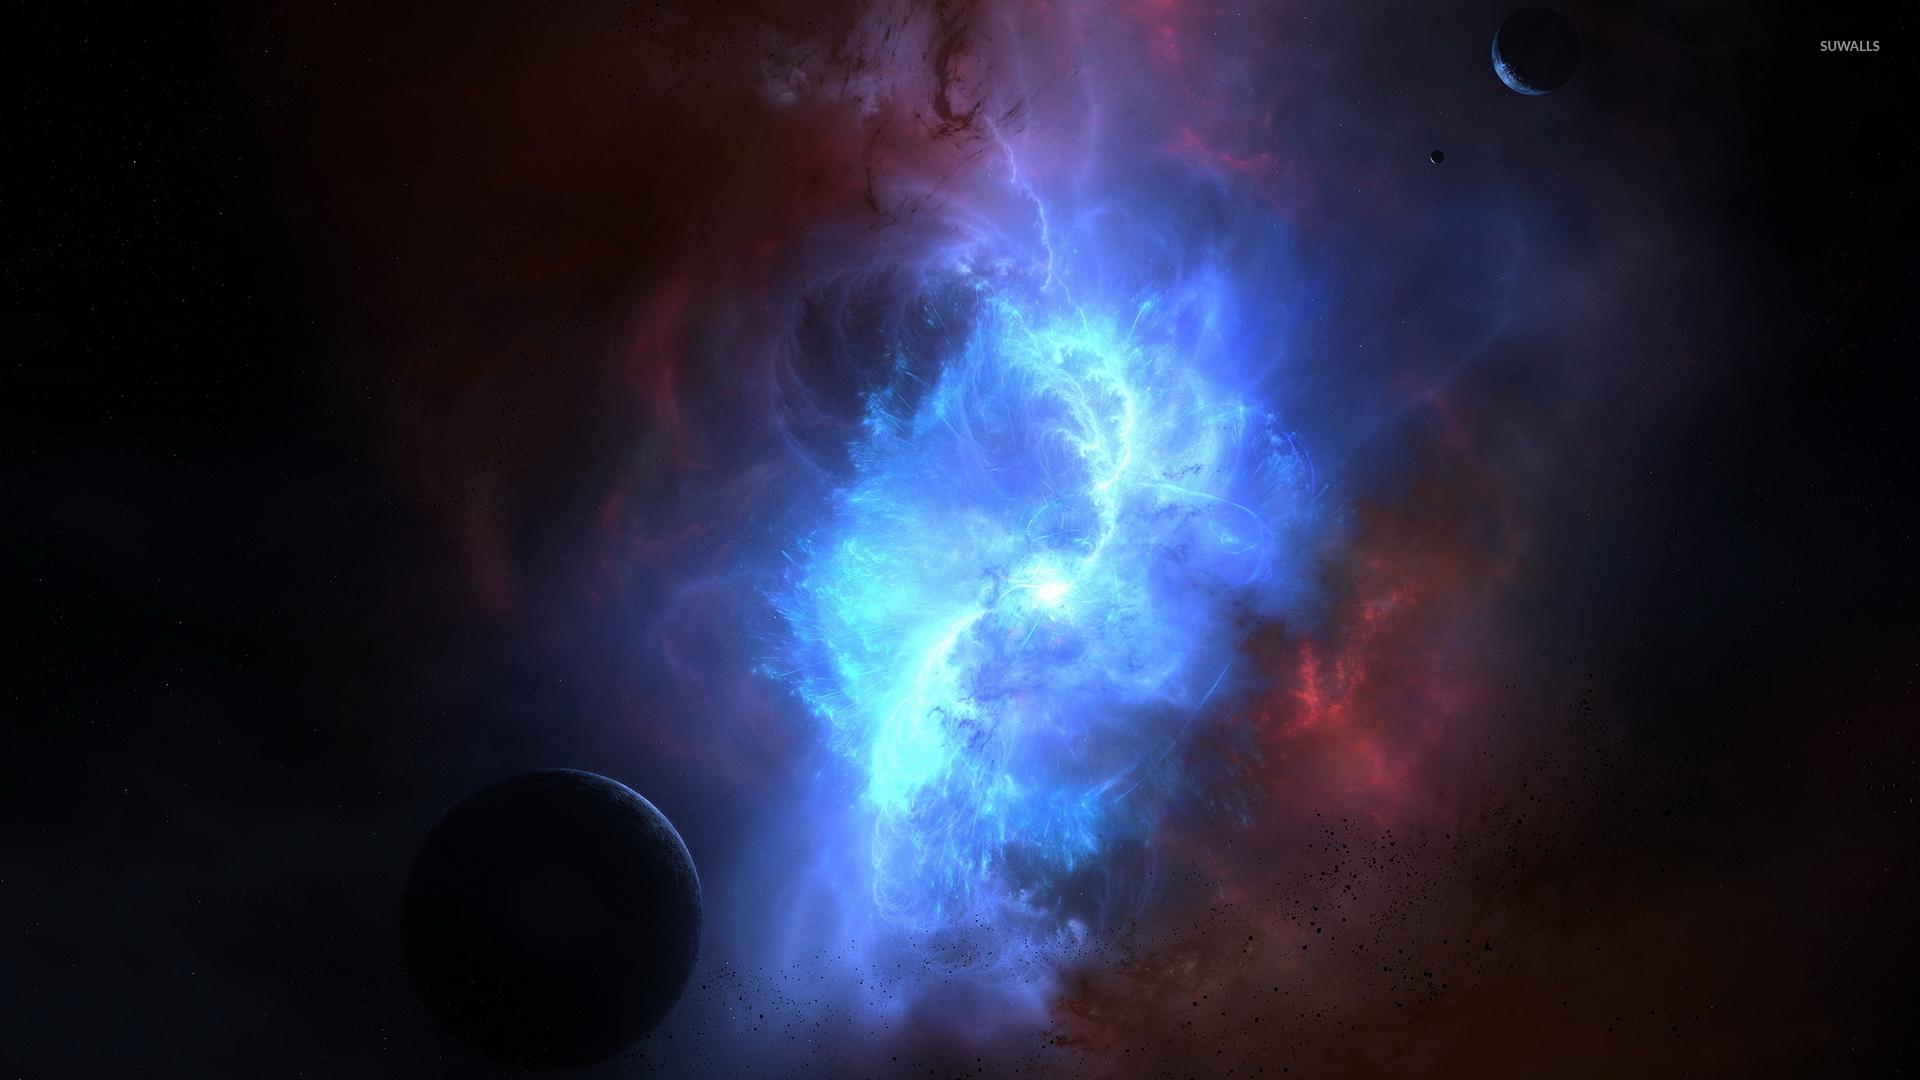 blue and red pheonix nebula - photo #15